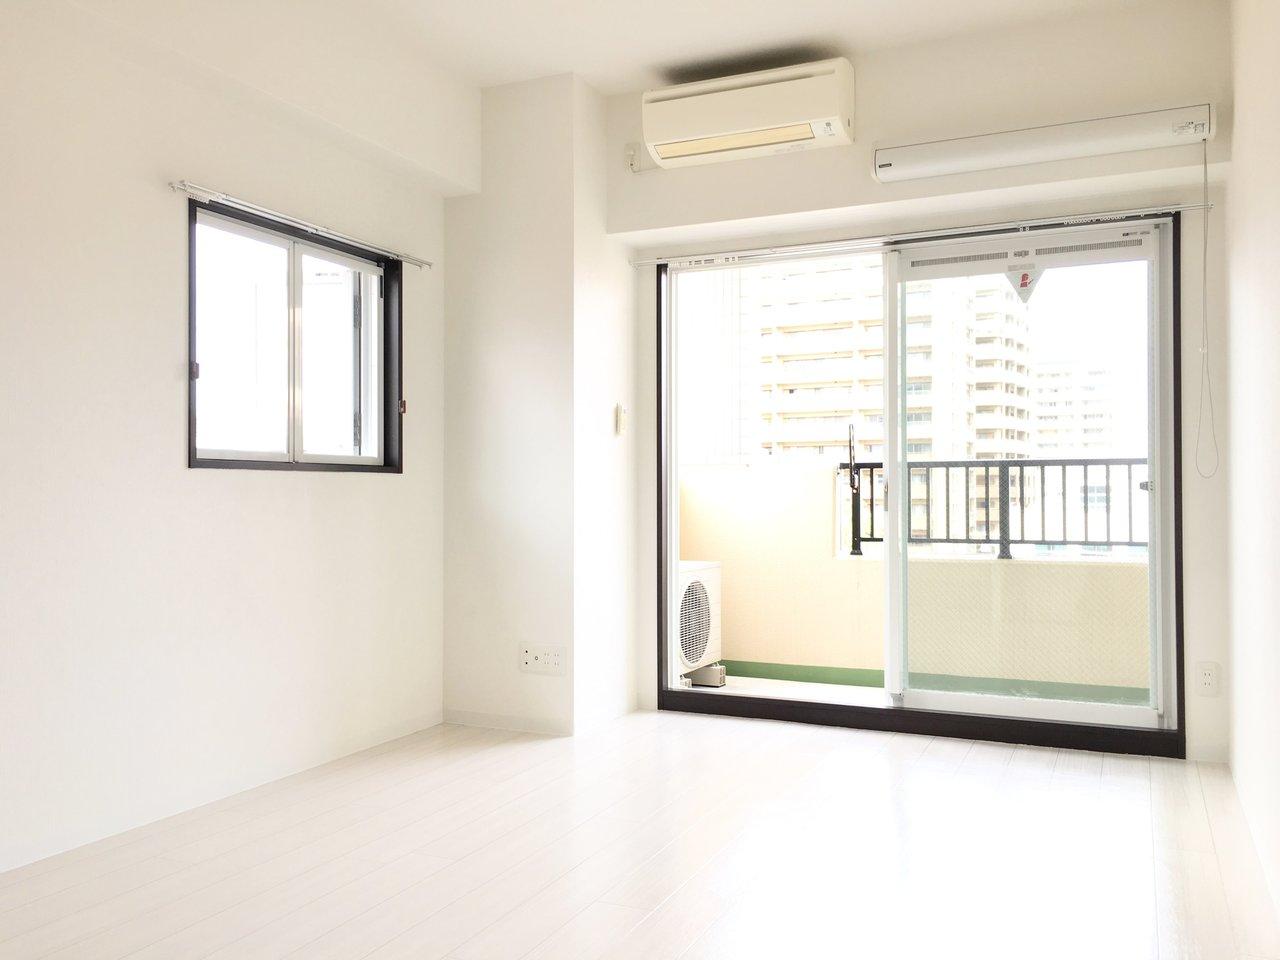 室内は白を基調とした2面採光で、常に明るく気持ちのよいお部屋です。